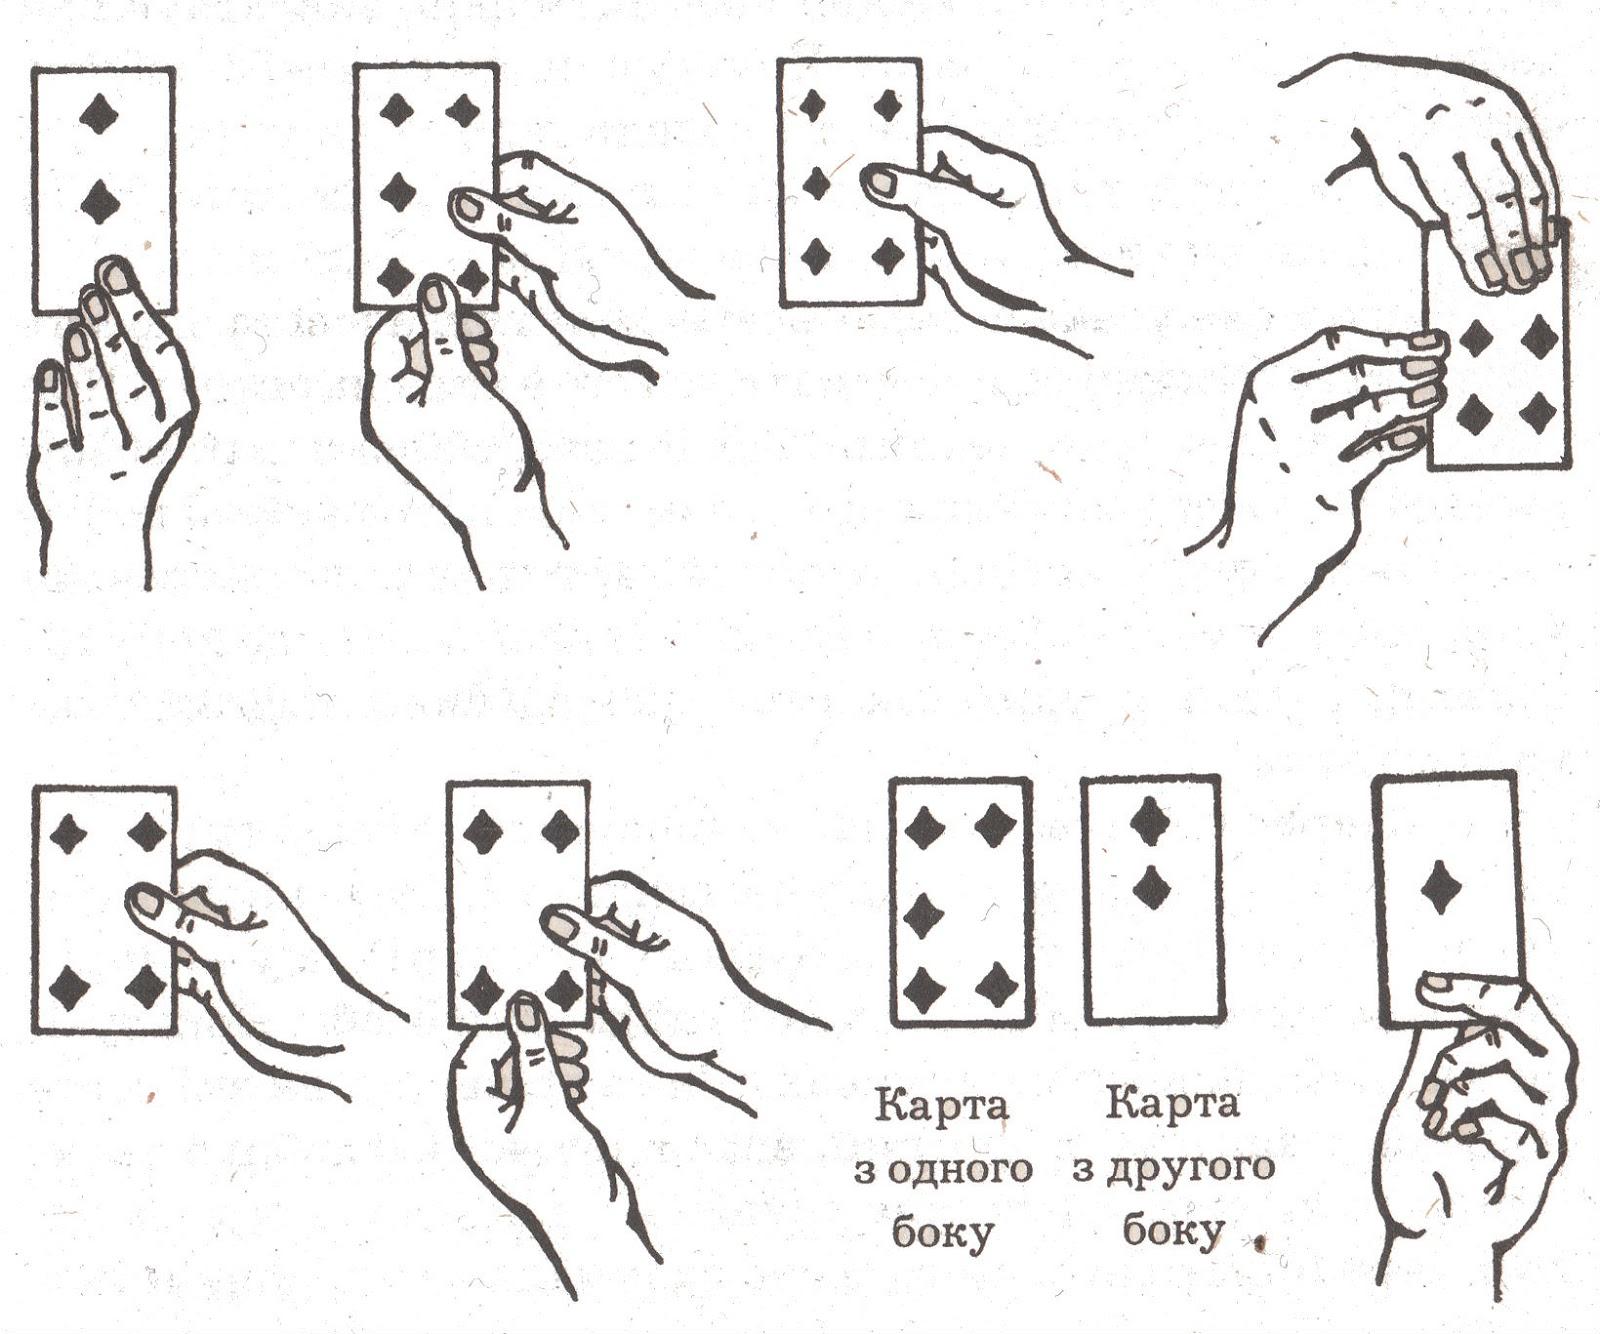 Как сделать пони в виде